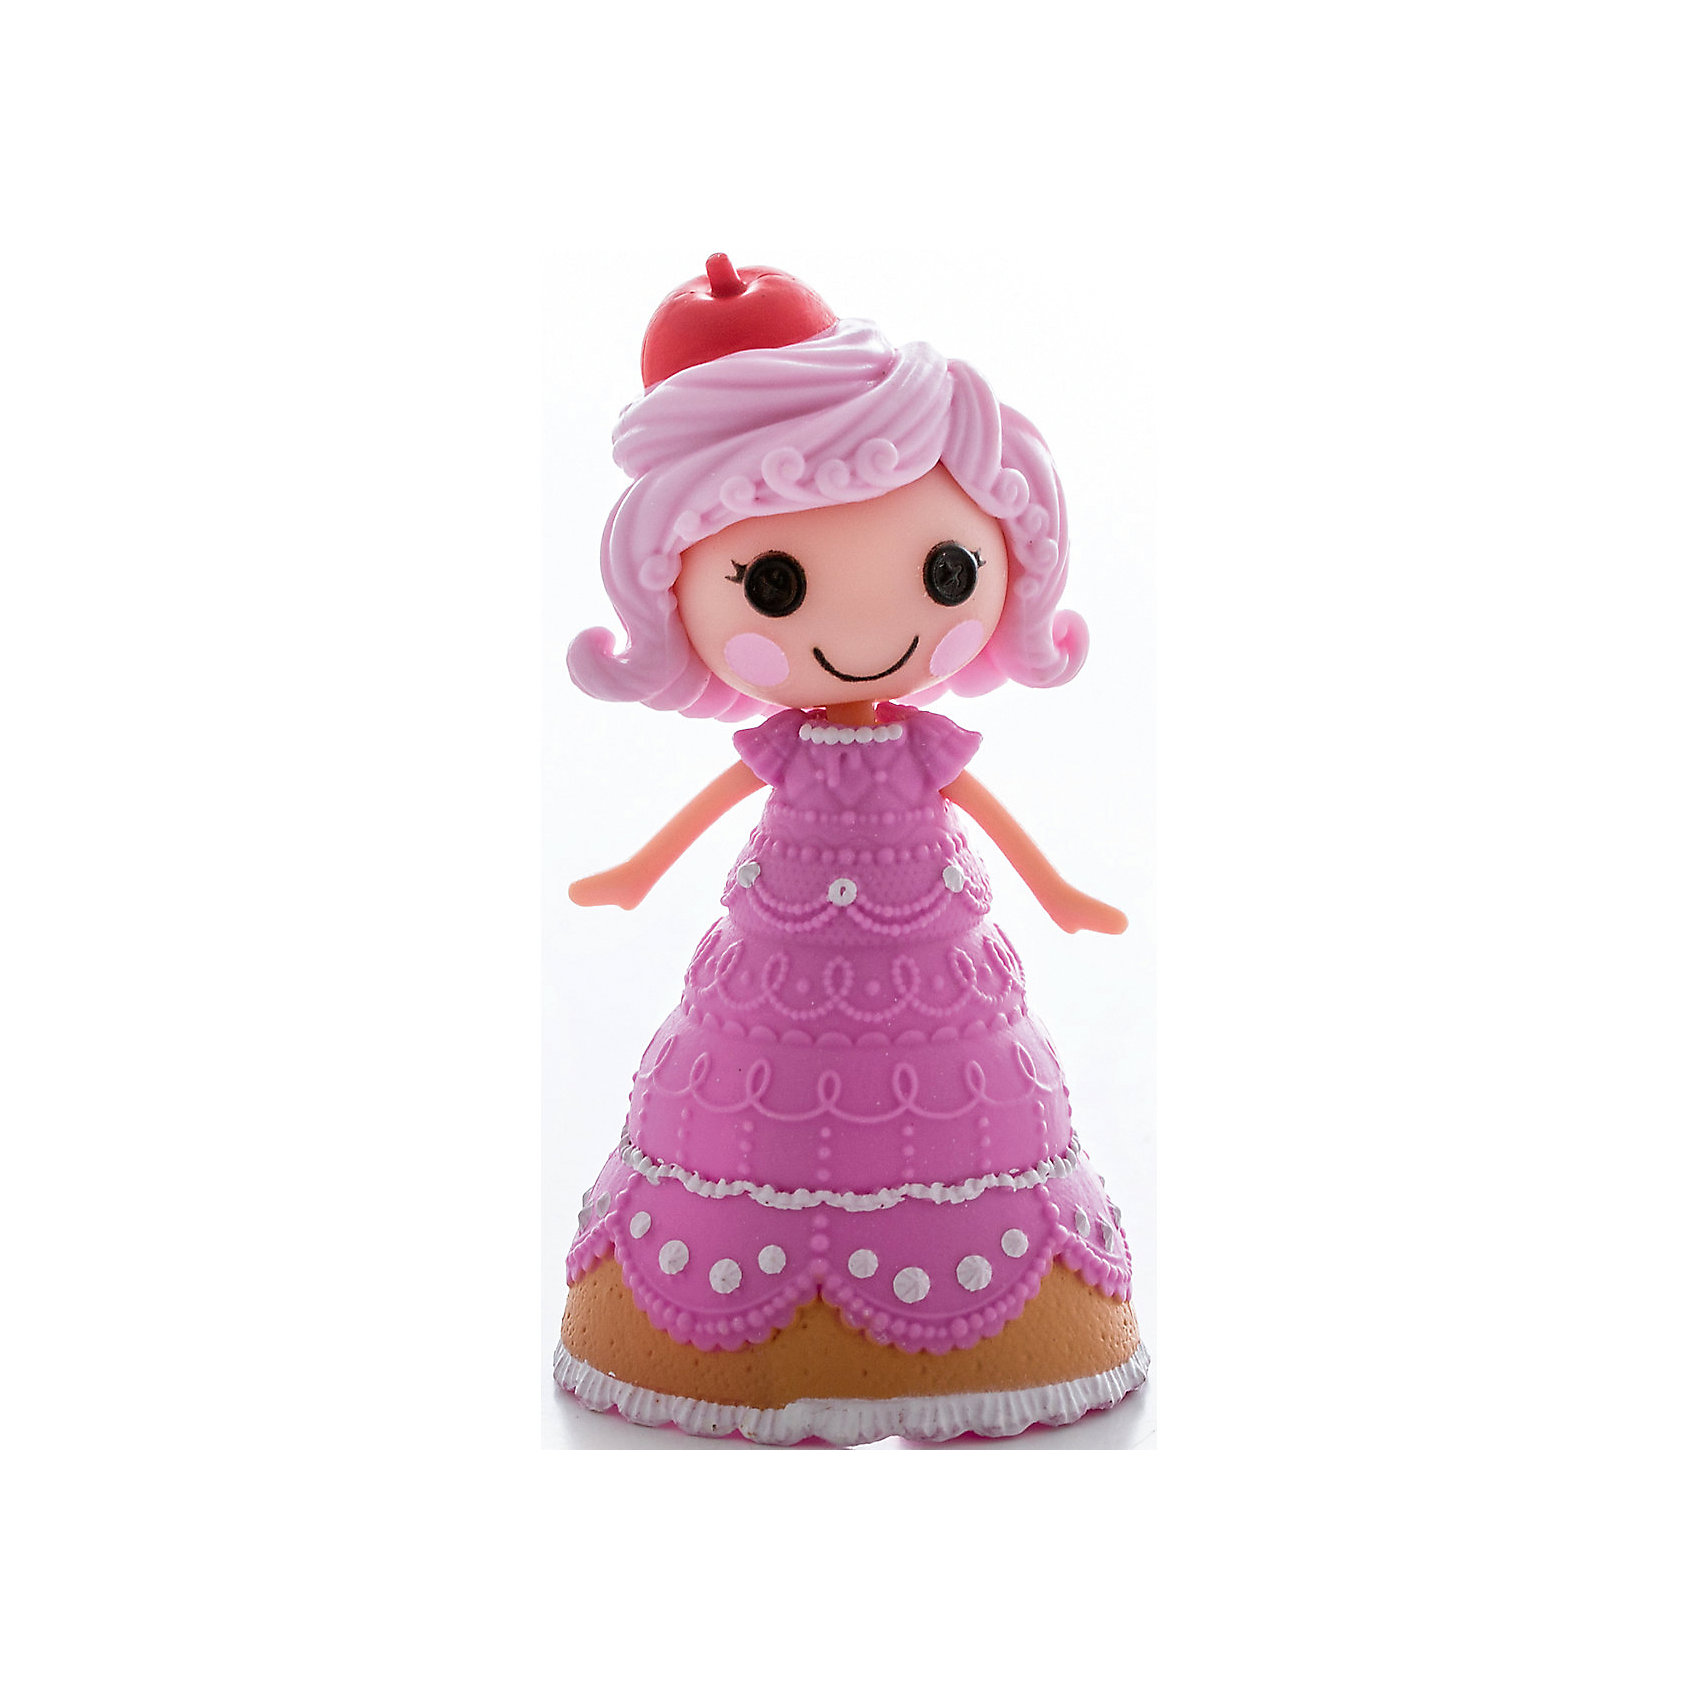 - Кукла Кондитерская, Мини-Лалалупси кондитерская мастика купить в днепропетровске